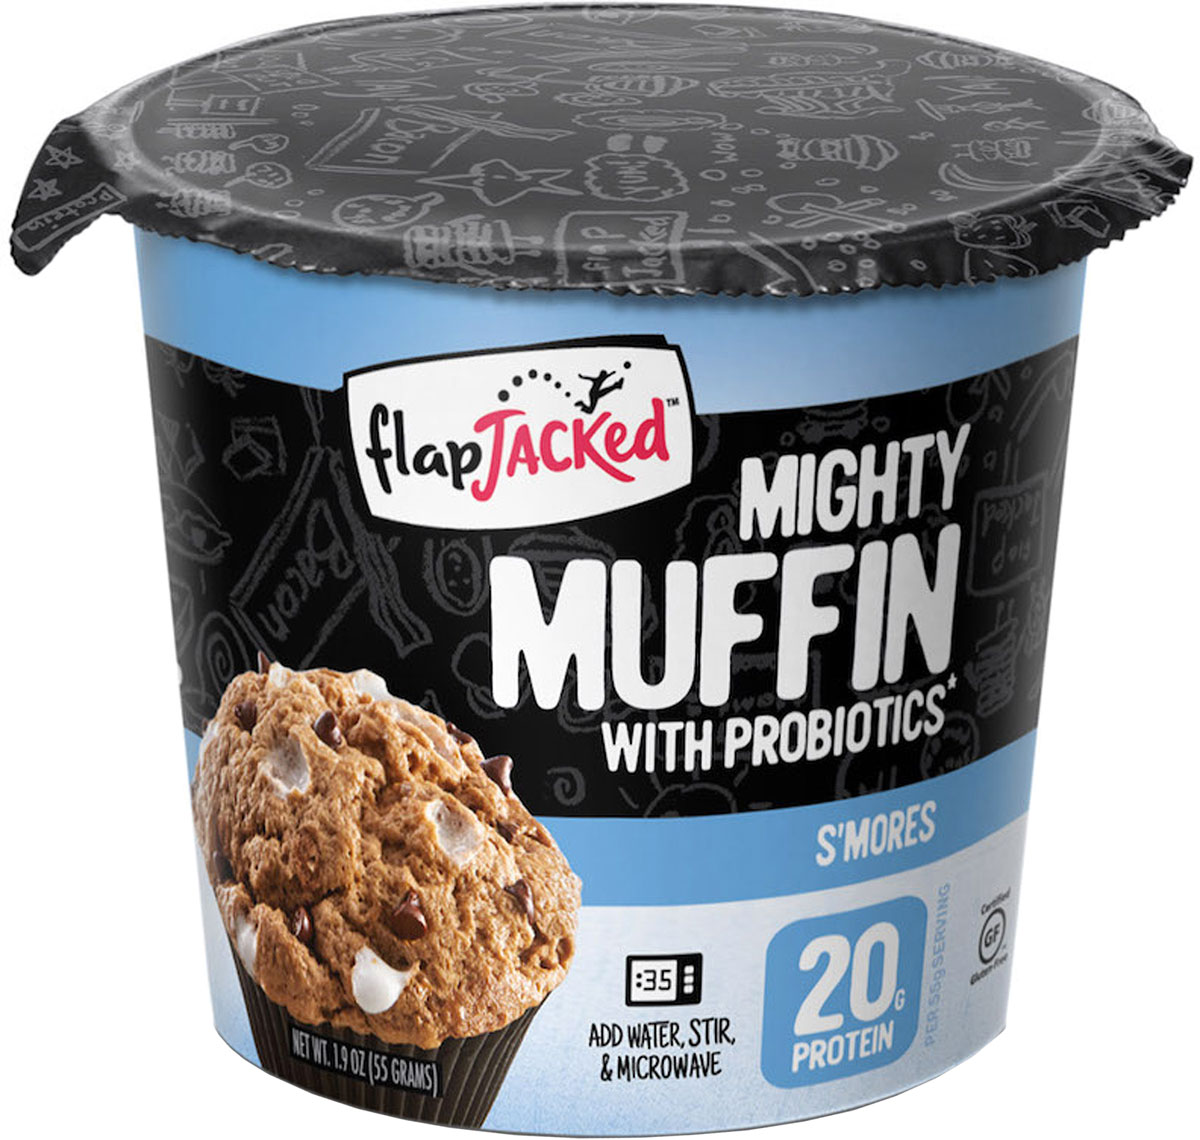 Смесь протеиновая для изготовления маффинов FlapJacked Mighty Muffins Smores, на основе овсяной муки, со вкусом зефира Смоурс, 55 г,FJ-MM1P-SMORГорячий, вкуснейший протеиновый маффин, готовящийся за секунды!FlapJacked Mighty Muffin - вкусный, не содержащий глютен, полный белка и богатый клетчаткой маффин. Создан для тех, кто ценит вкус, сбалансированное питание и удобство приготовления. Вы будете наслаждаться потрясающим вкусом каждого кусочка и оцените целых 20 грамм белка и всего 220 калорий в порции. Для еще более впечатляющи результатов в состав добавлены пробиотики GanedenBC30, чтобы помочь вам поддерживать здоровье иммунной системы, ведь это неотъемлемая часть сбалансированной диеты и здорового образа жизни. Просто добавьте воды, поставьте в микроволновую печь на 50-60 секунд, и ваш вкусный маффин, который можно съесть на ходу, готов!Состав: овсяная мука без глютена, изолят сывороточного белка (изолят сывороточного белка, соевыи? лецитин), гороховыи? белок, молочный шоколад (сахар, молоко, какао-масло, тертое какао), соевый лецитин, чистая ваниль, капли зефира (сахар, кукурузная мука без ГМО, пальмовое масло, натурльный ароматизатор, диоксид титана), пахта, масло (масло, сливки, соль, сухая пахта), декстрин, натуральный ароматизатор, патока, какао порошок, пищевая сода, разрыхлитель (монокальций фосфат, бикарбонат натрия, кукурузный крахмал без ГМО), ксантановая камедь, морская соль, архат, пробиотик (обезжиренное сухое молоко, Bacillus coagulans GBI-30 6086).